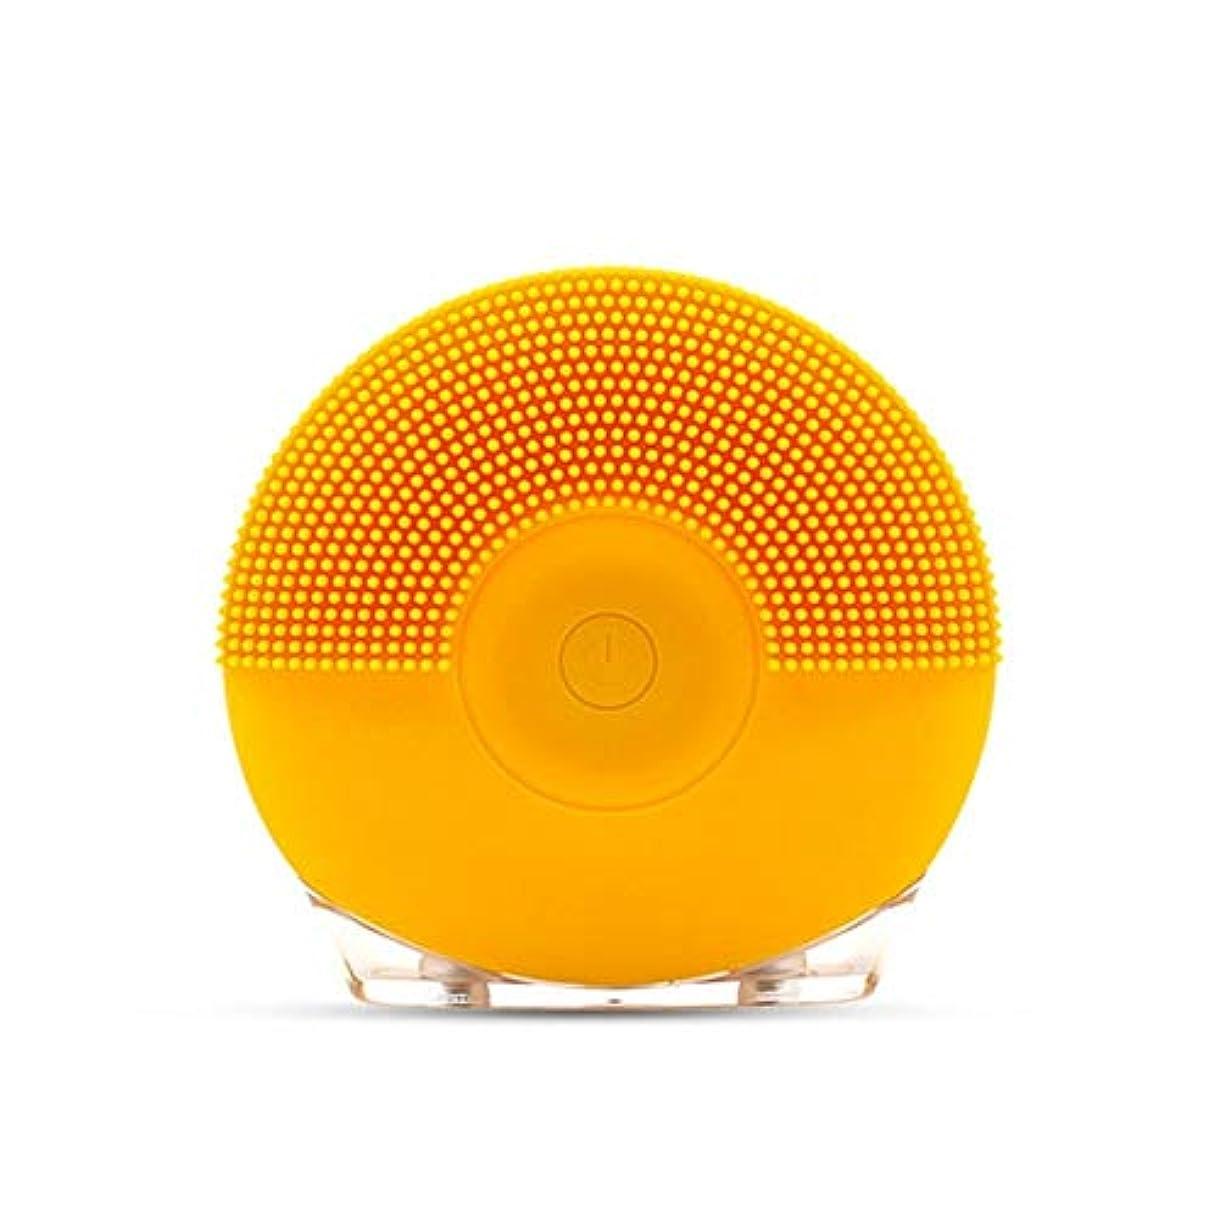 枝迅速周波数ソニックバイブレーションフェイシャルクレンジングブラシ、シリコンUsbフェイシャルクレンジングブラシ (Color : Yellow)